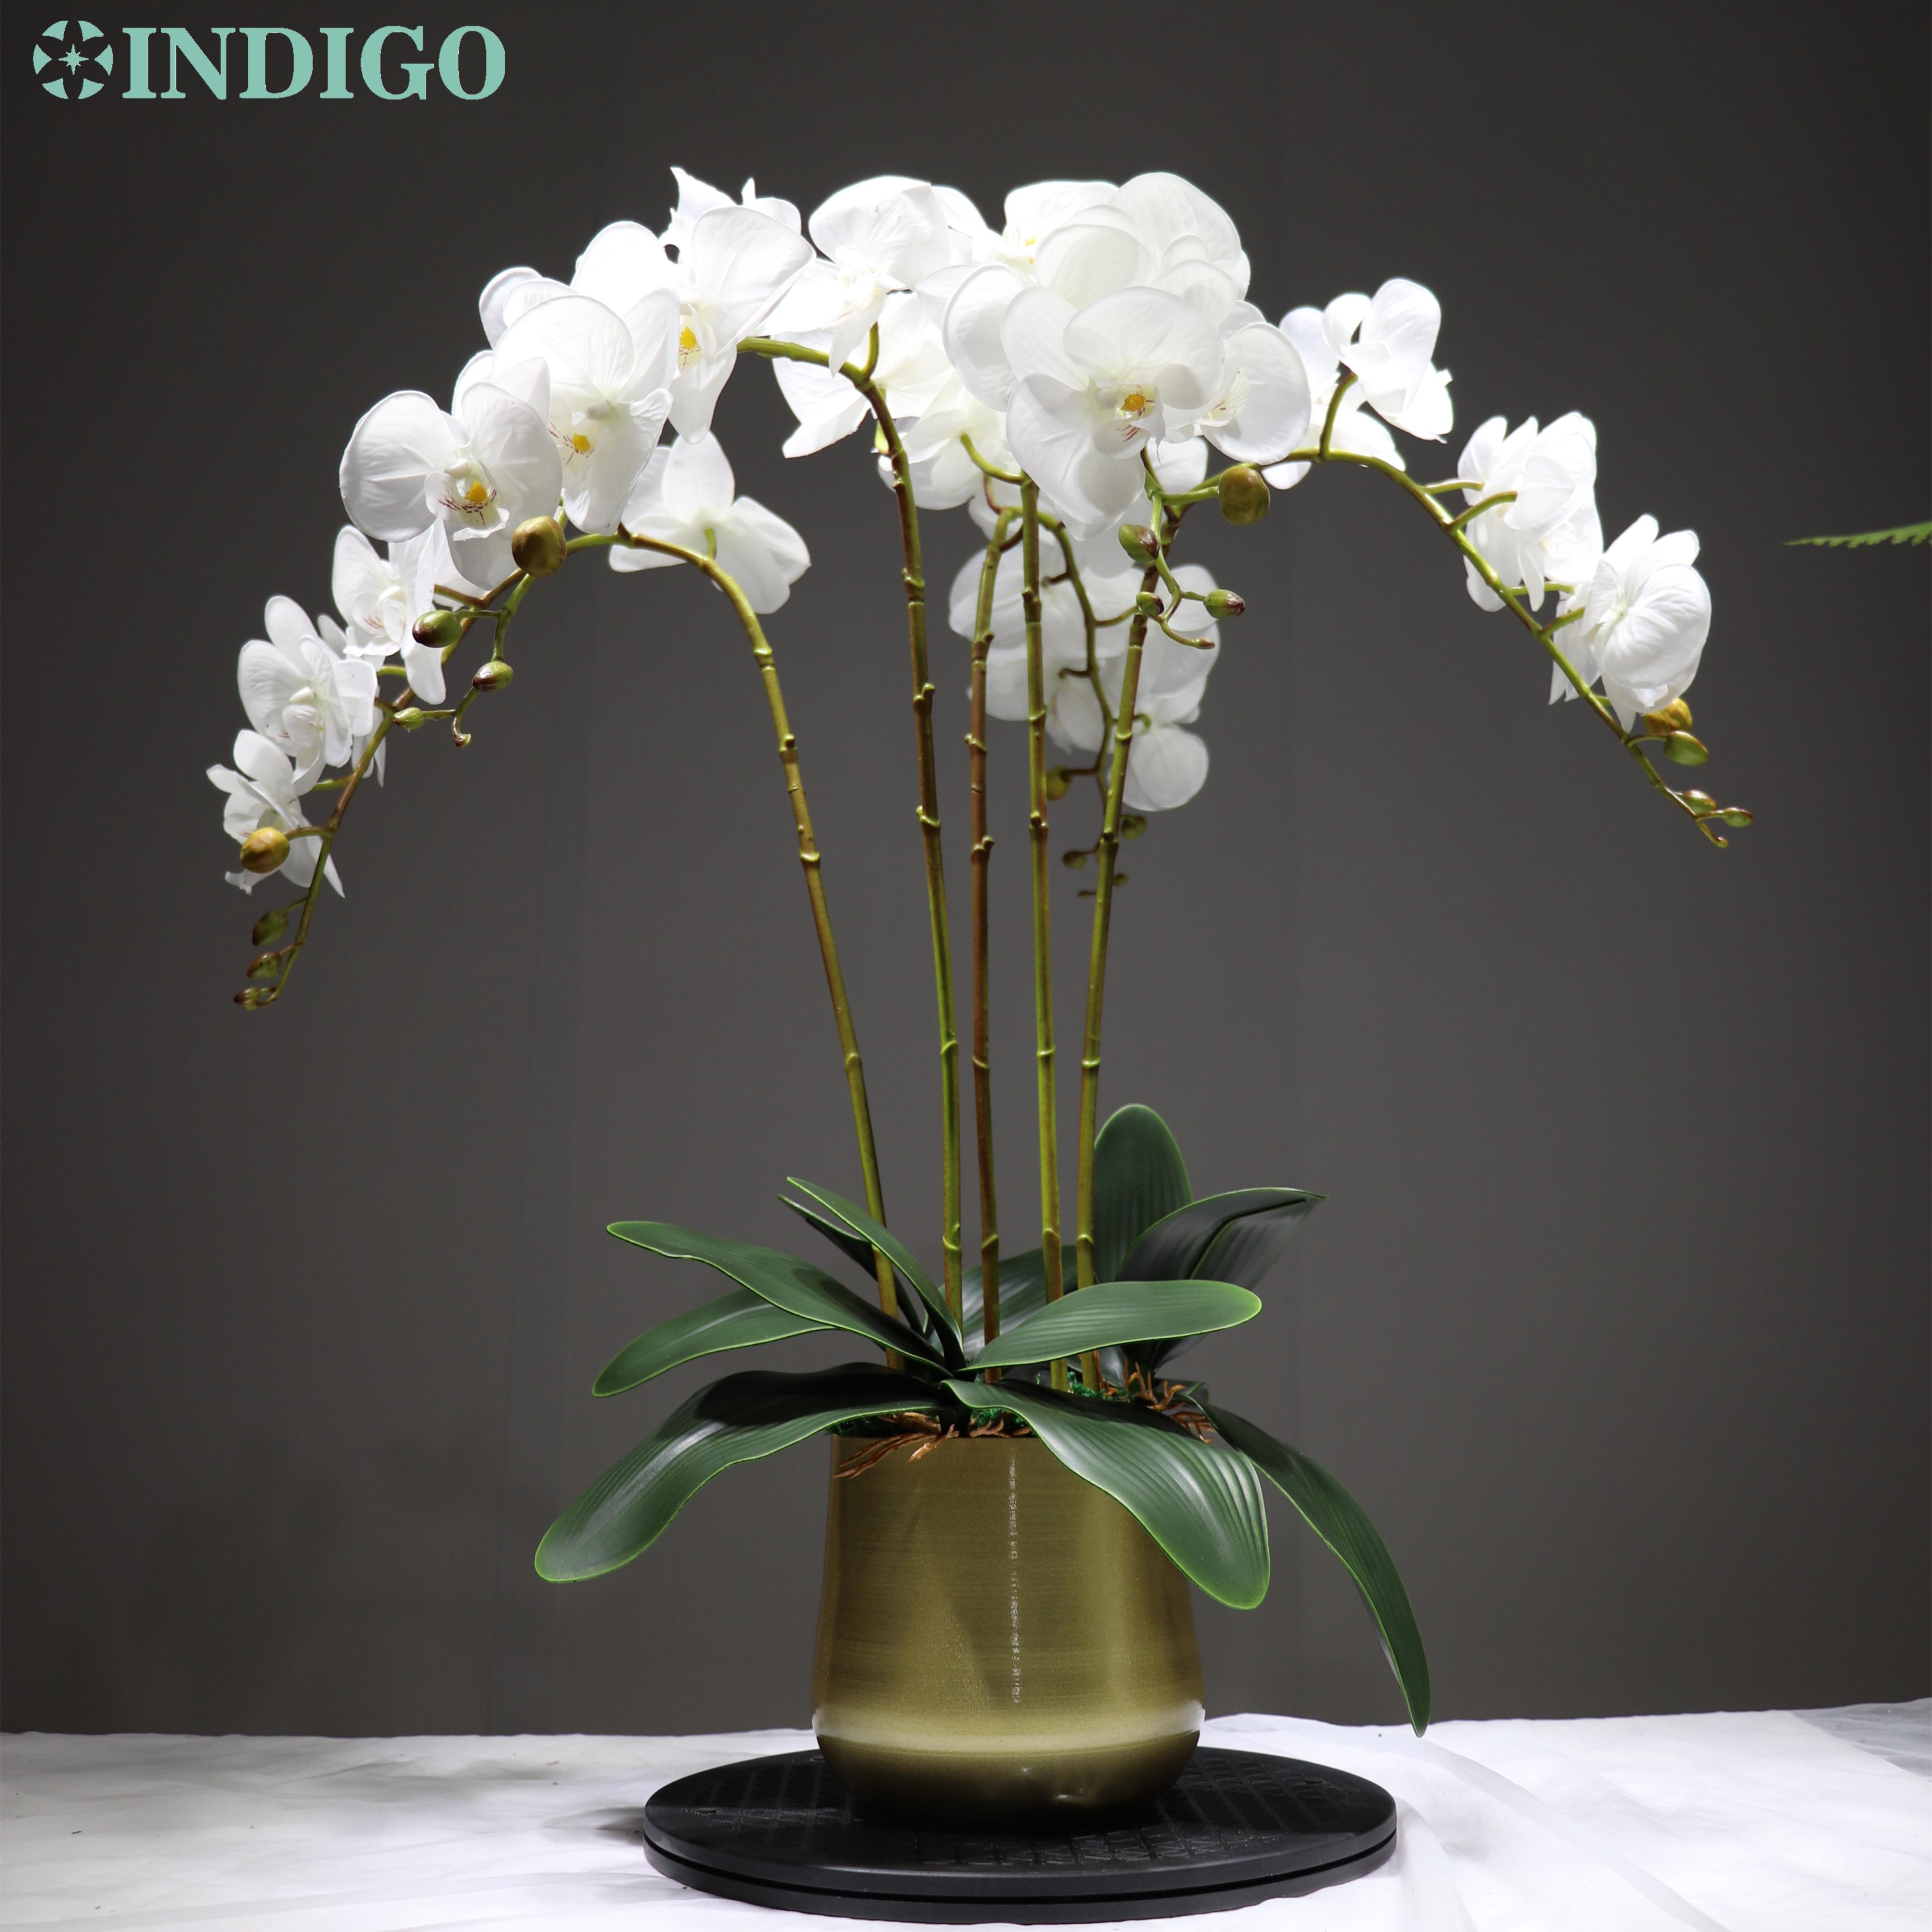 Индиго фаленопсис орхидеи реального касания, цветок белый искусственный цветок свадебный цветок орхидеи, цветочный для рождественской веч...